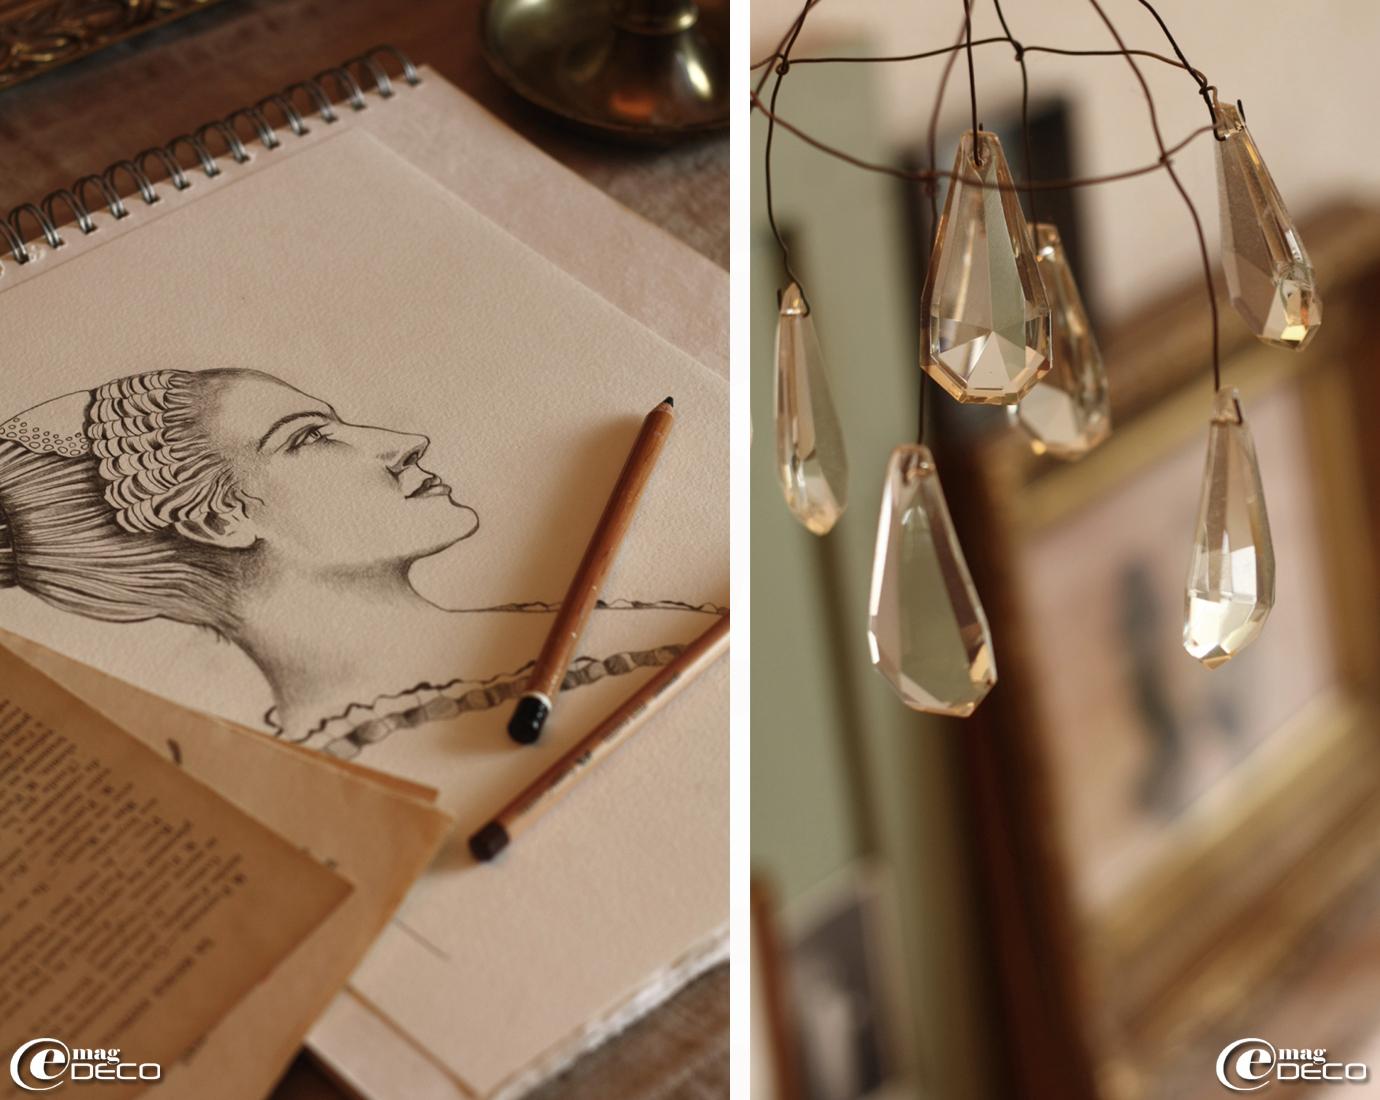 Dessin au crayon de Philippe Joubert Lussac, auteur du blog Gris-bleu